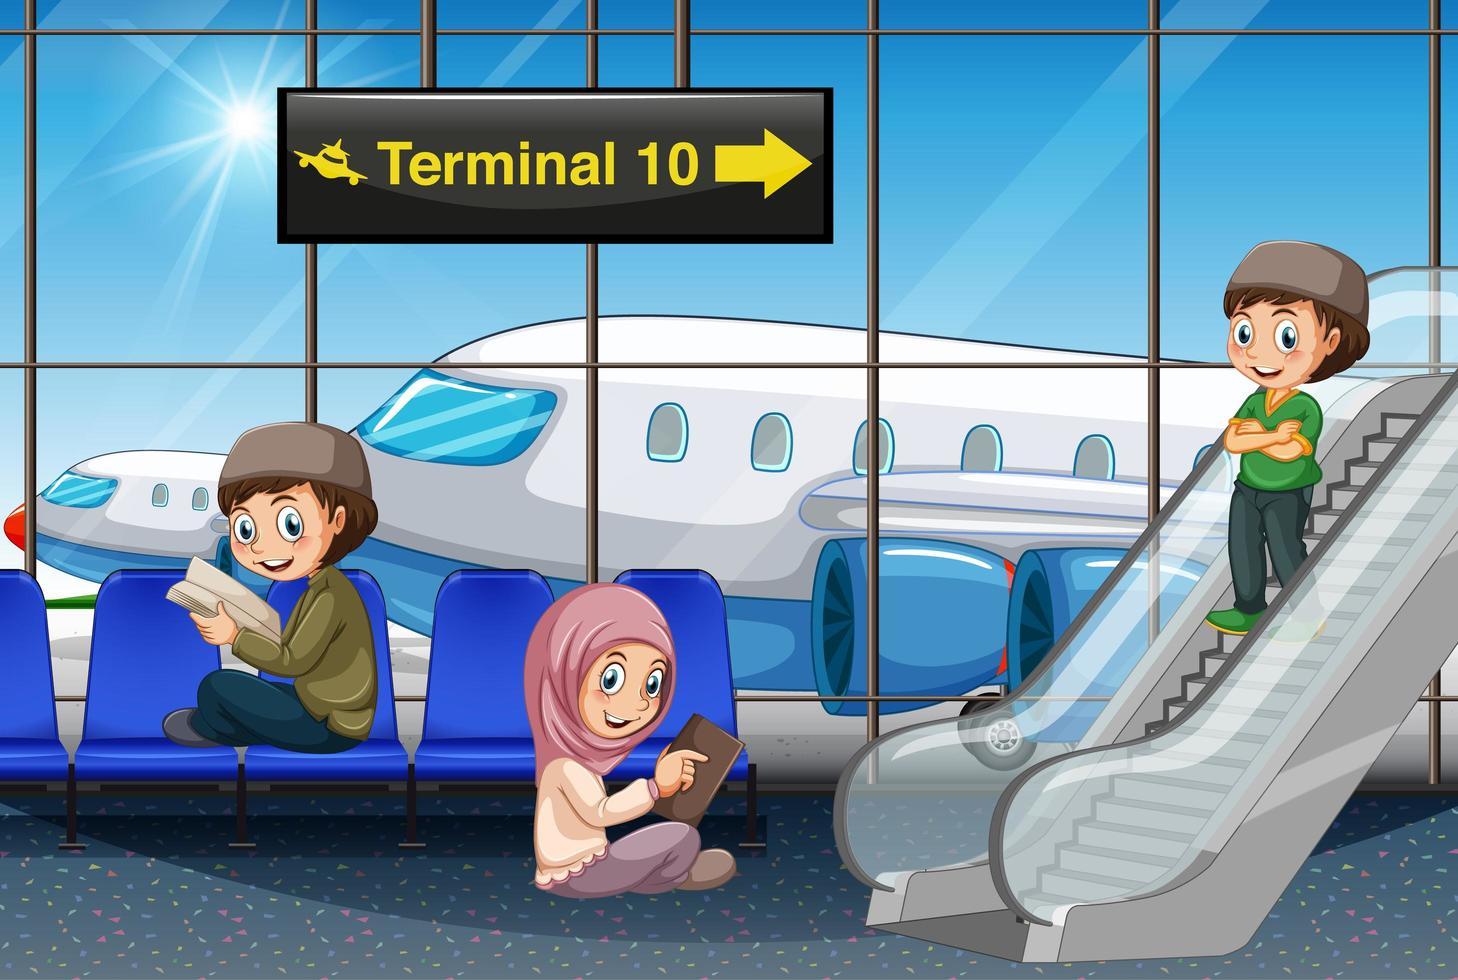 muslimischer Passagier am Flughafen vektor